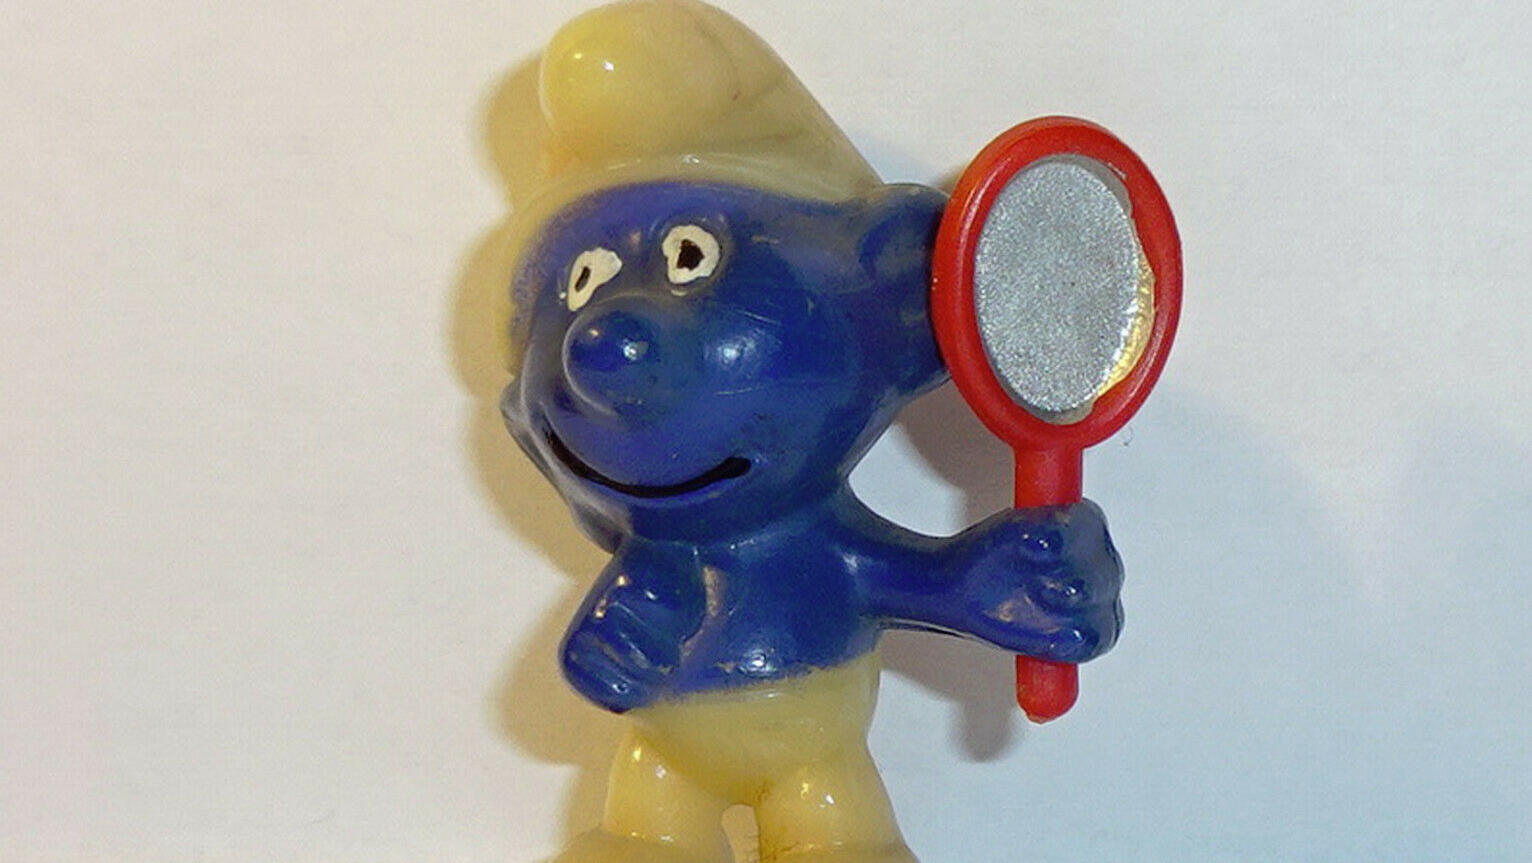 Überraschungsei-Schätze: Schlümpfe, Asterix & Co. - diese